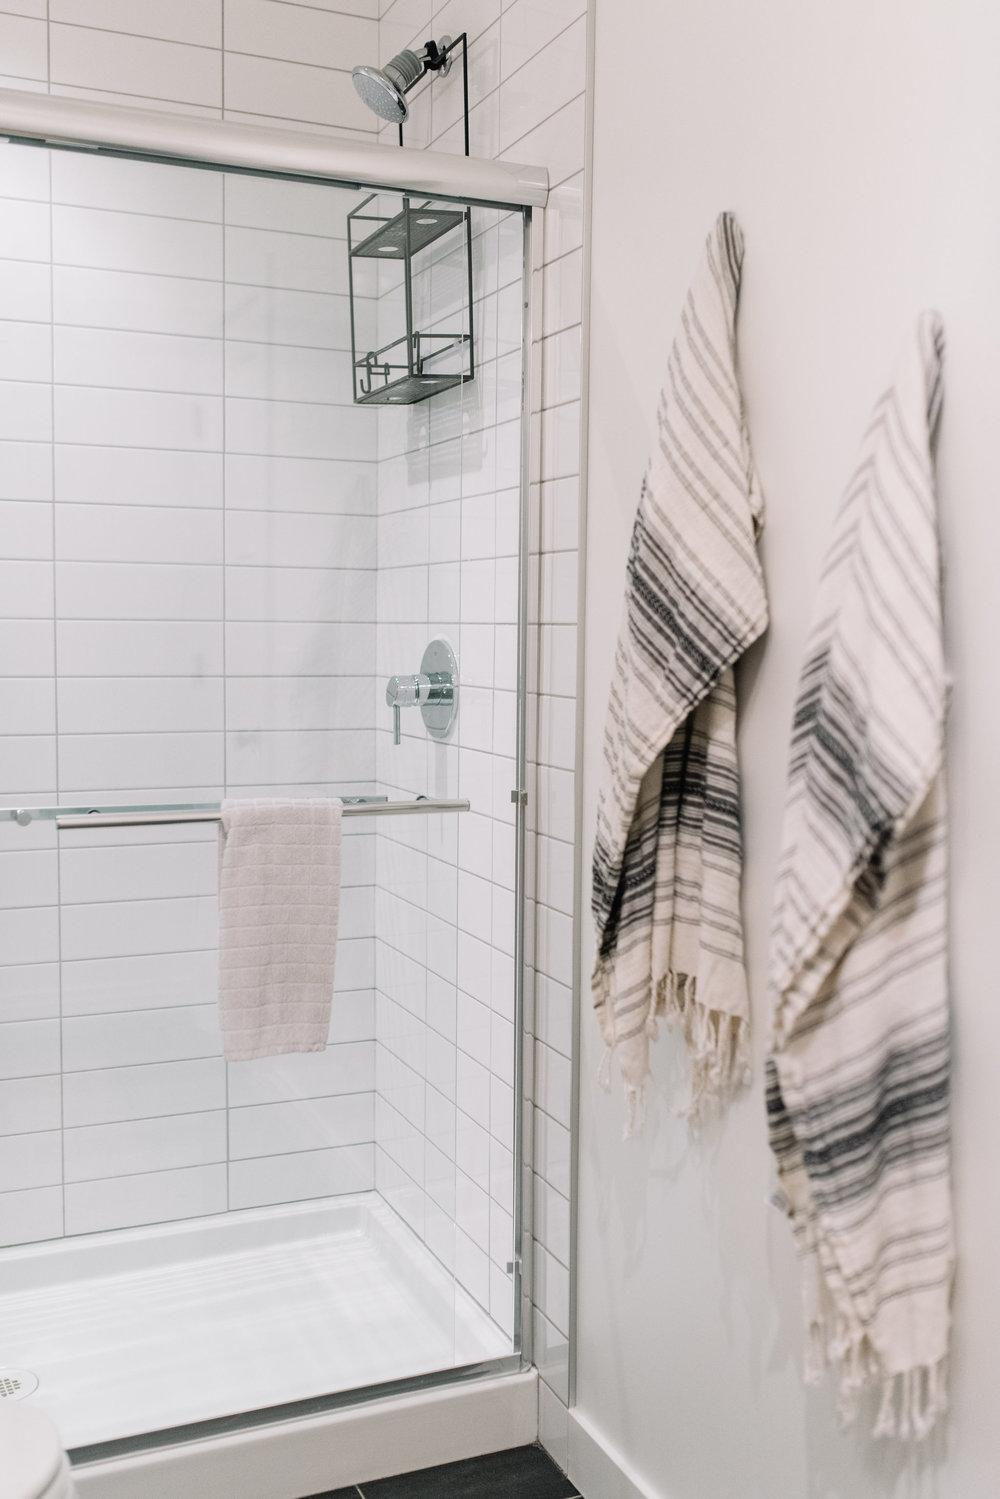 white subway tile, shower